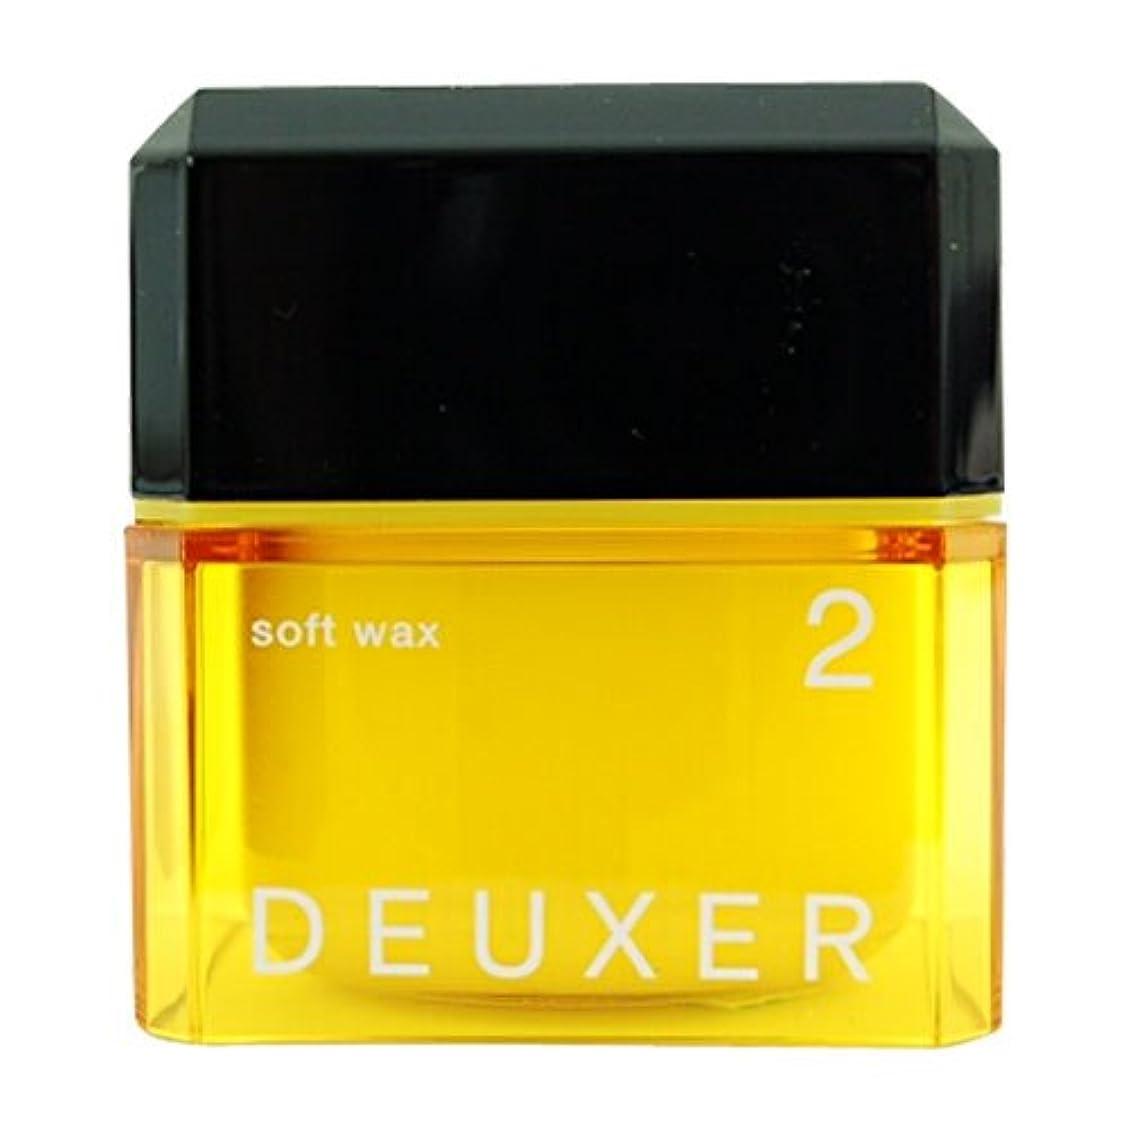 説明女性安心させるナンバースリー DEUXER(デューサー) ソフトワックス 2 80g